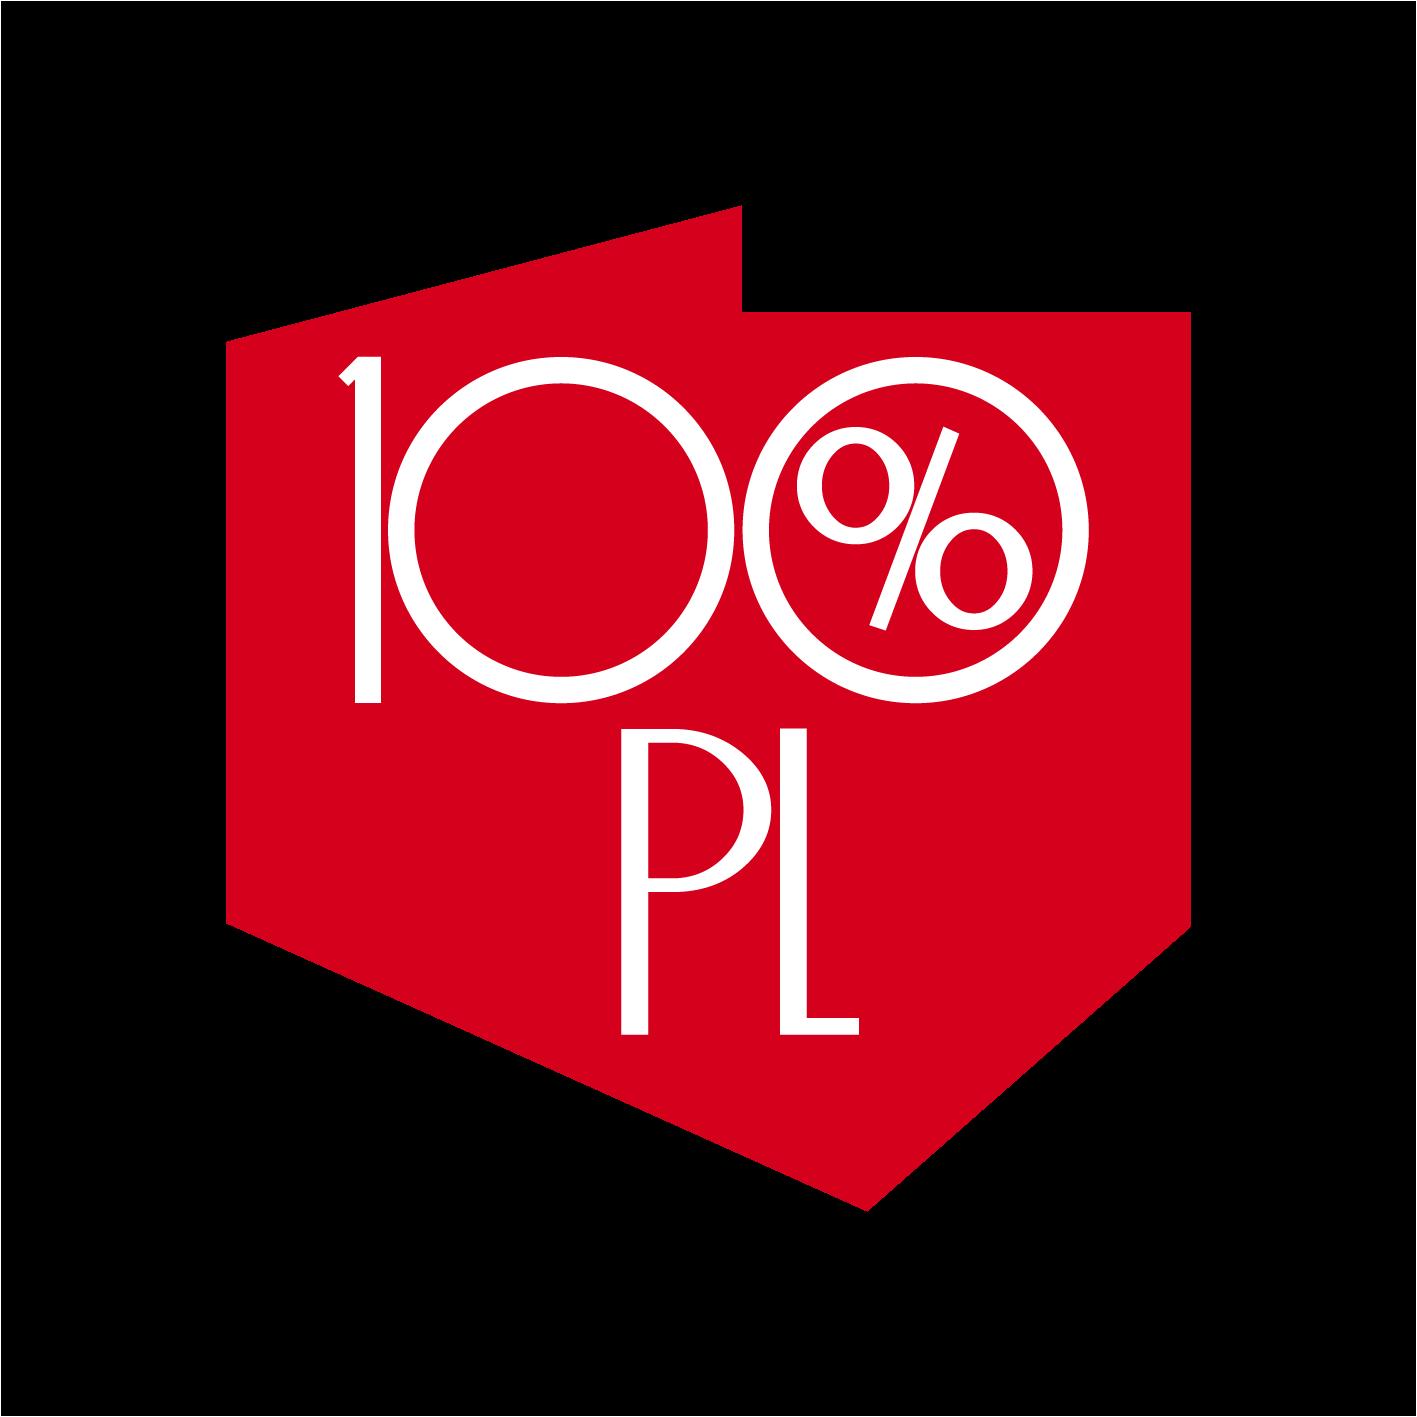 100 procent PL